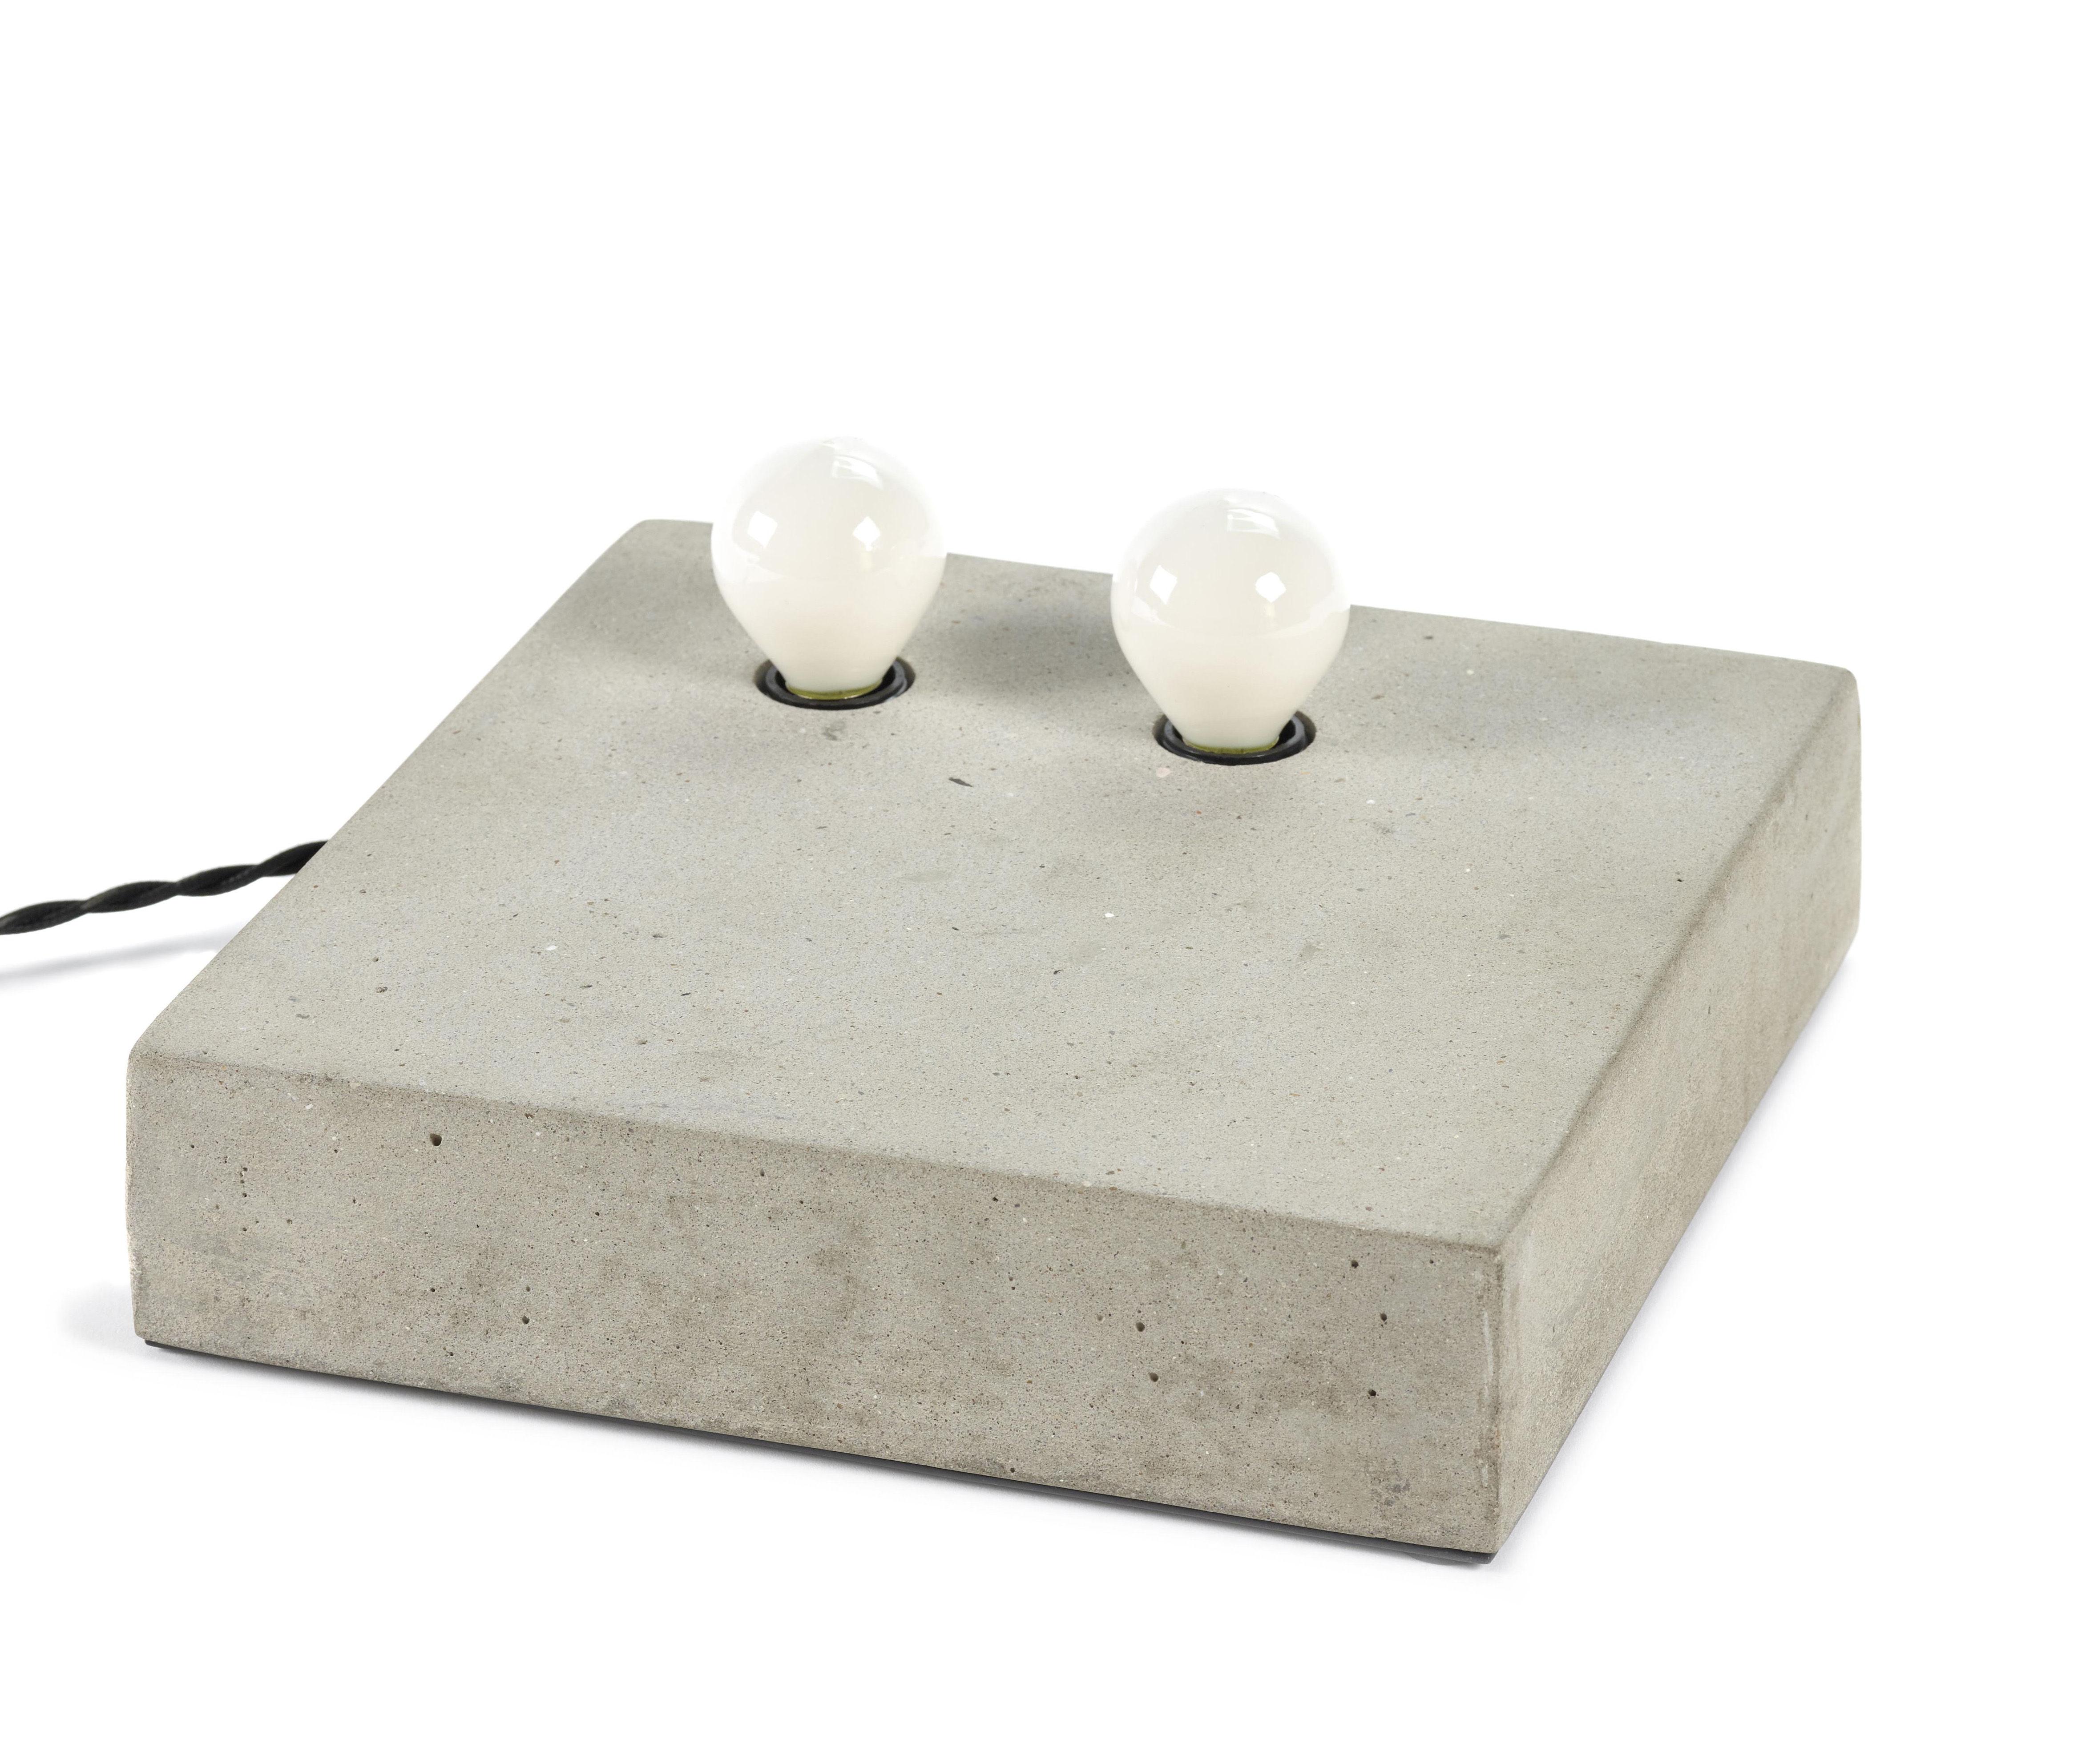 Illuminazione - Lampade da tavolo - Applique Essentials n°2 - / Applique - Cemento - 25 x 25 cm di Serax - Cemento / grigio - Calcestruzzo